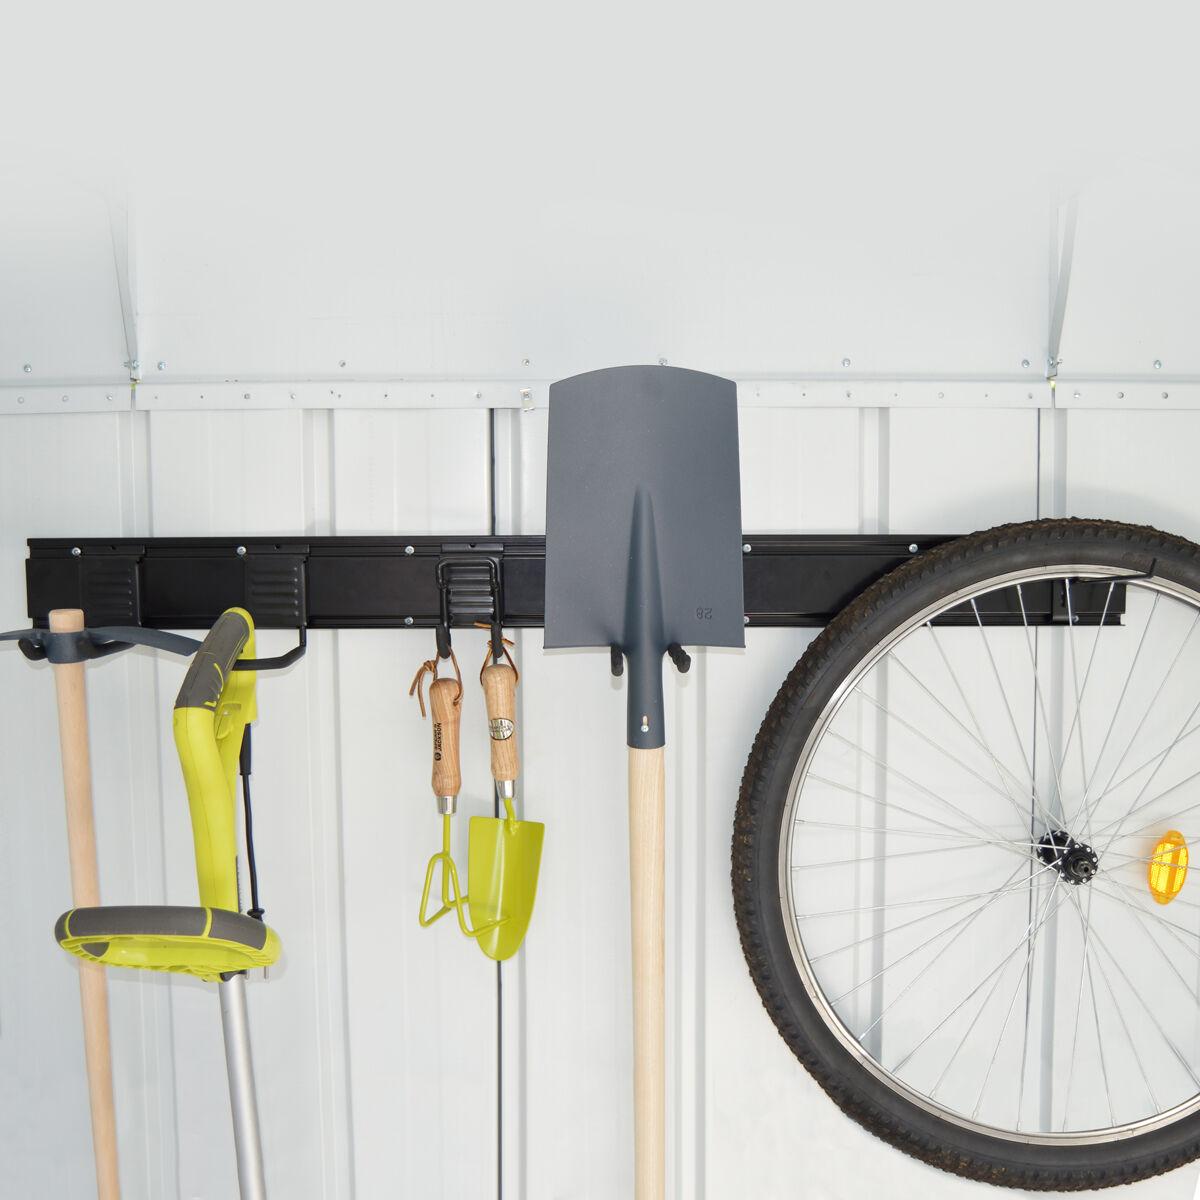 Cémonjardin Kit de rangement modulable KEEPTOOL pour abris de jardin ou garage